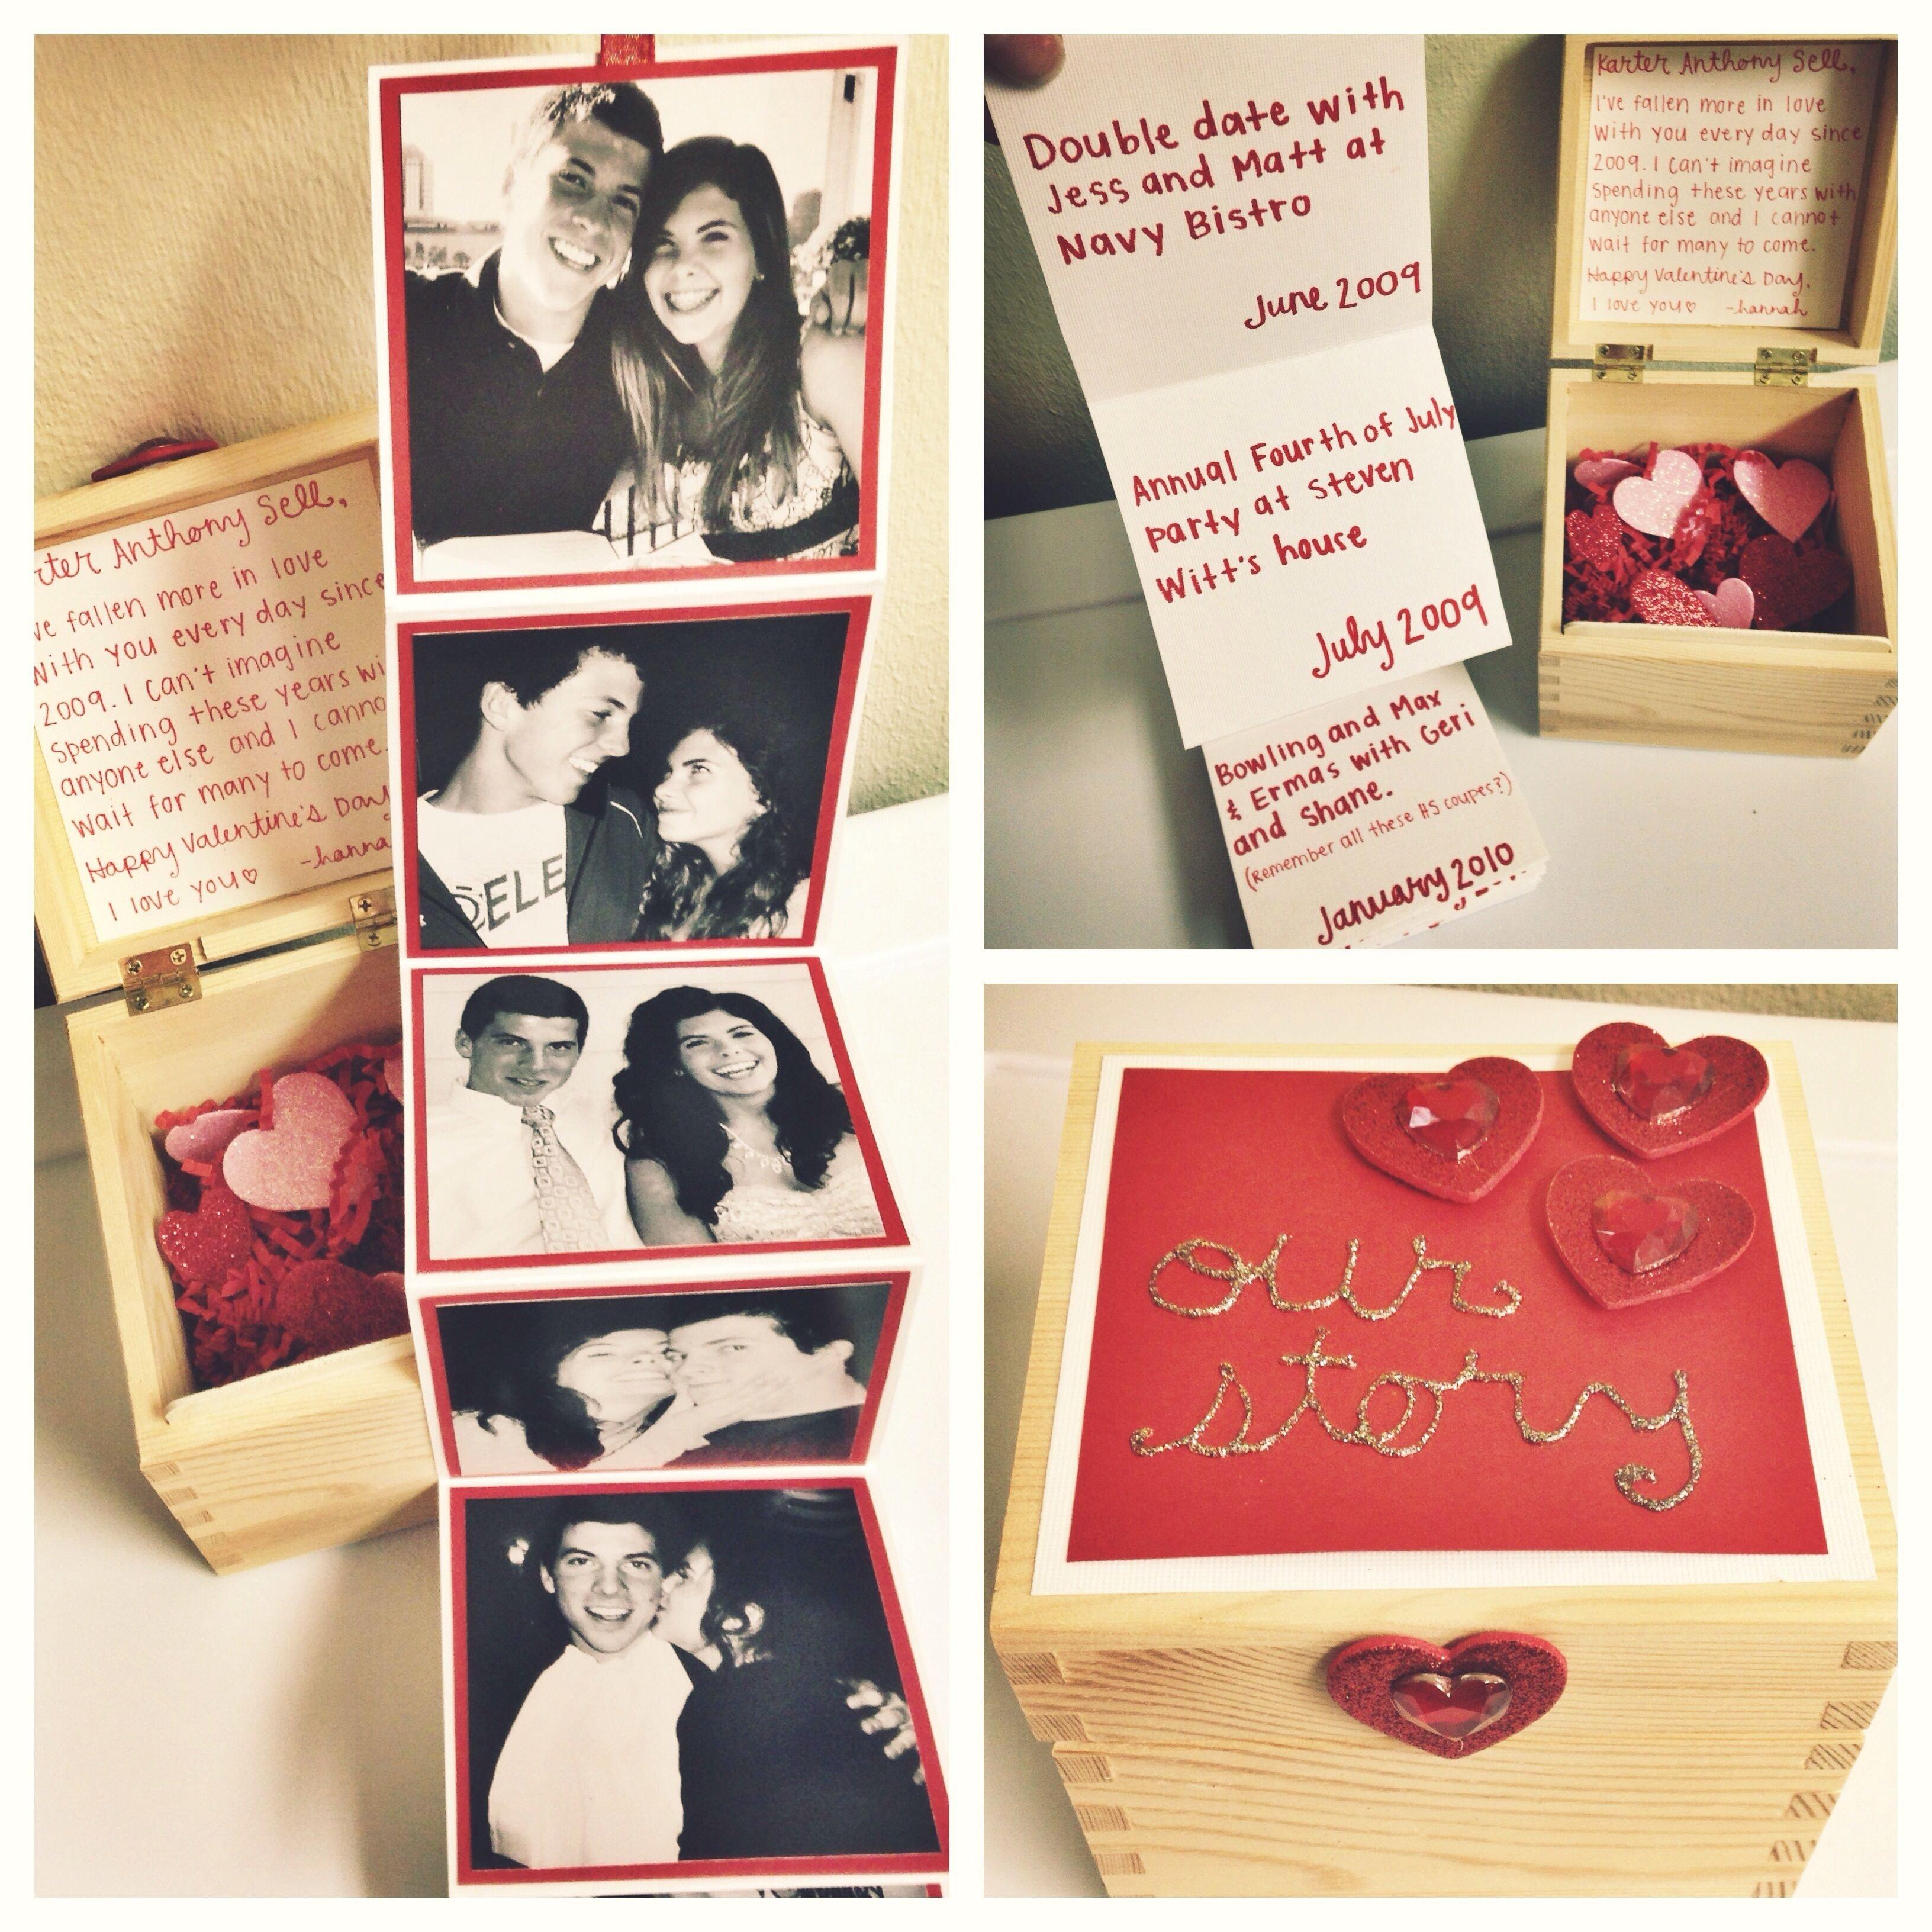 10 Fantastic Handmade Gift Ideas For Boyfriend 55 diy valentine gifts for him boyfriends anniversaries and timeline 3 2020